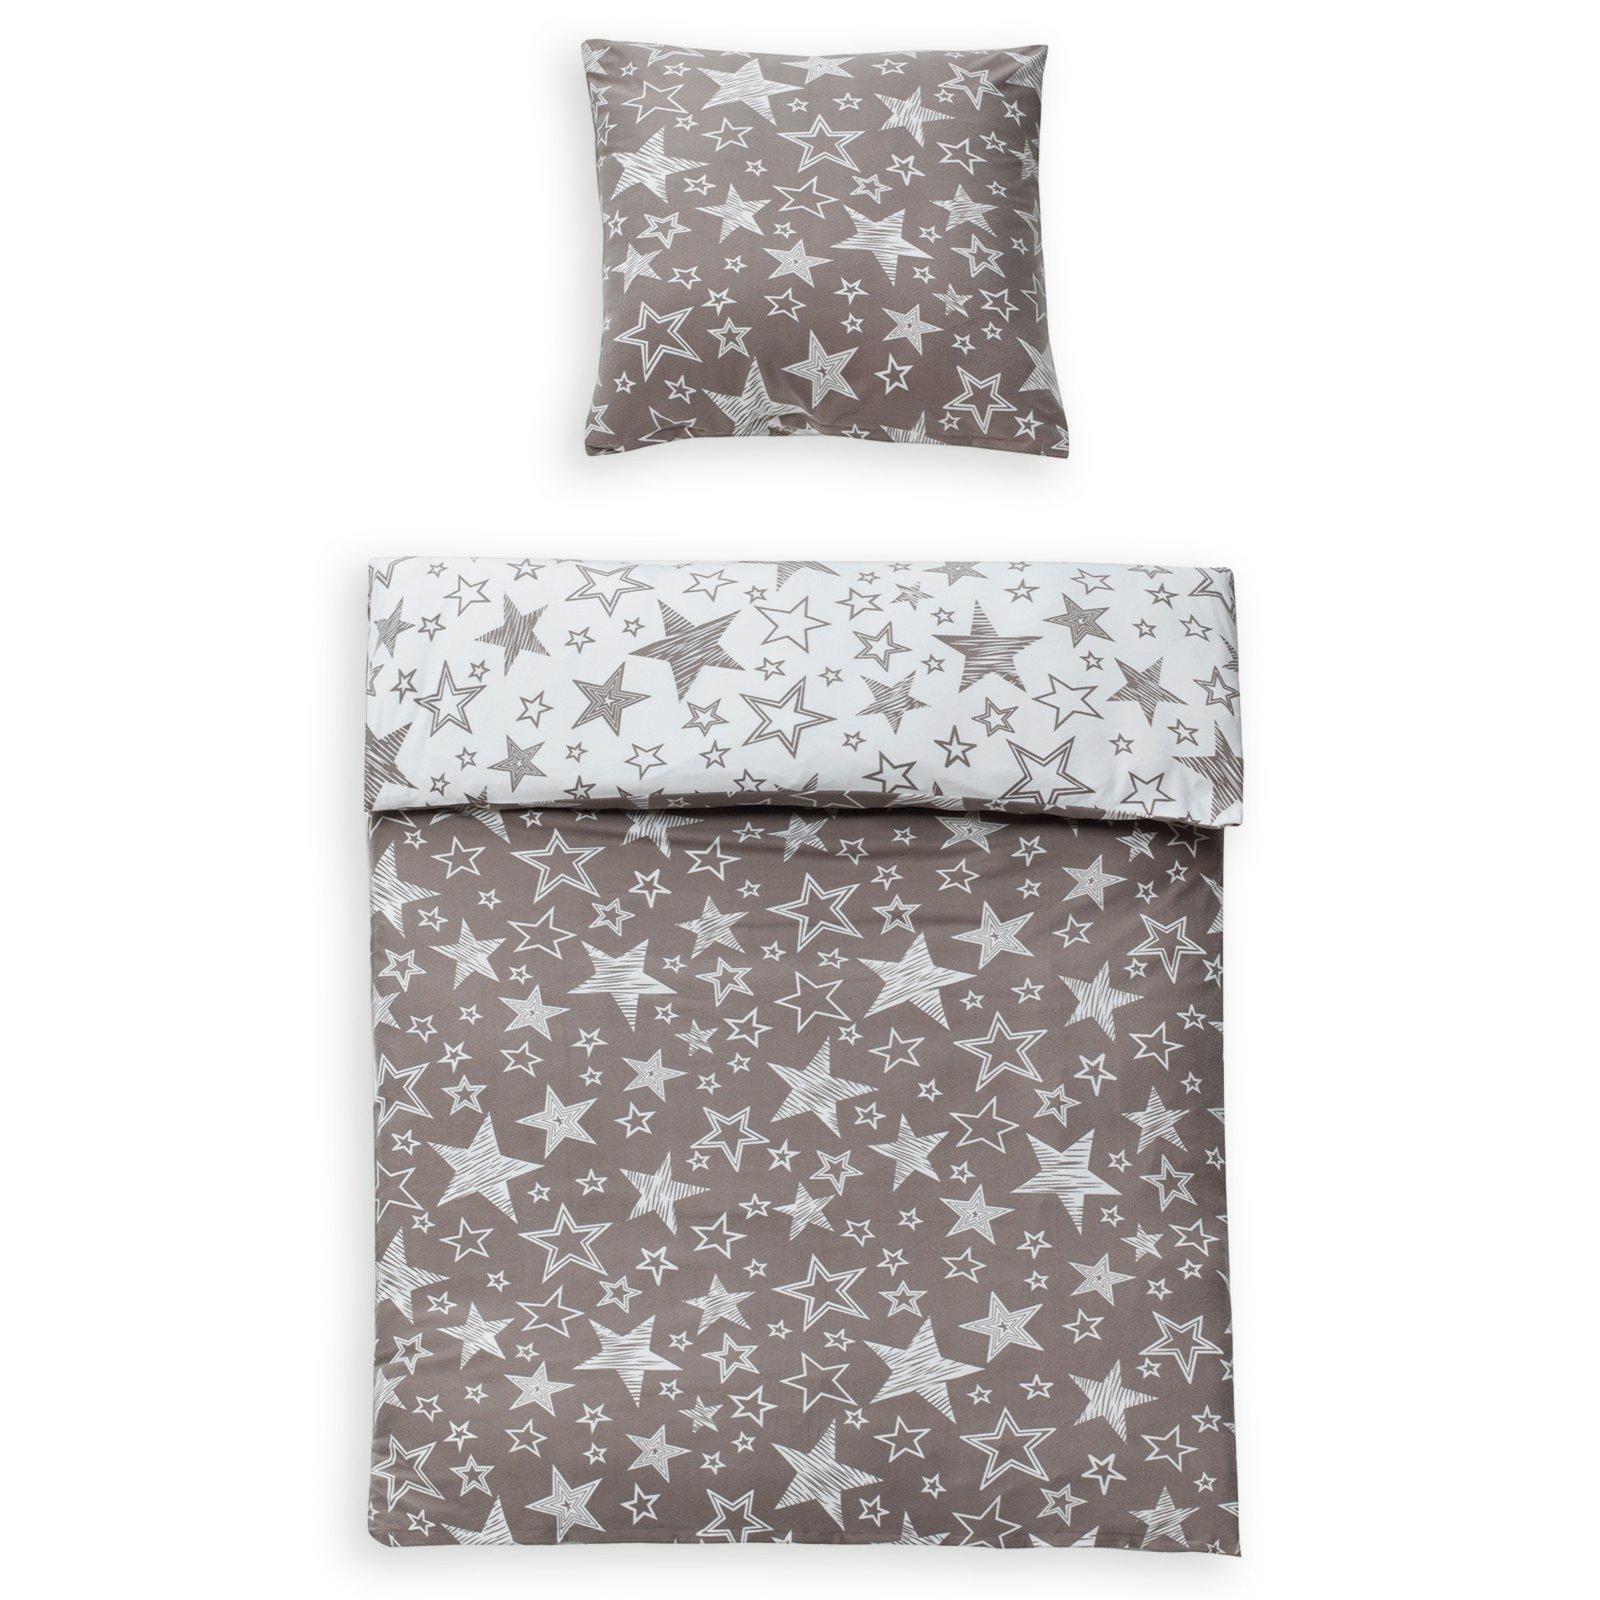 microfaser flausch bettw sche high class stella taupe 135x200 cm bettw sche bettw sche. Black Bedroom Furniture Sets. Home Design Ideas